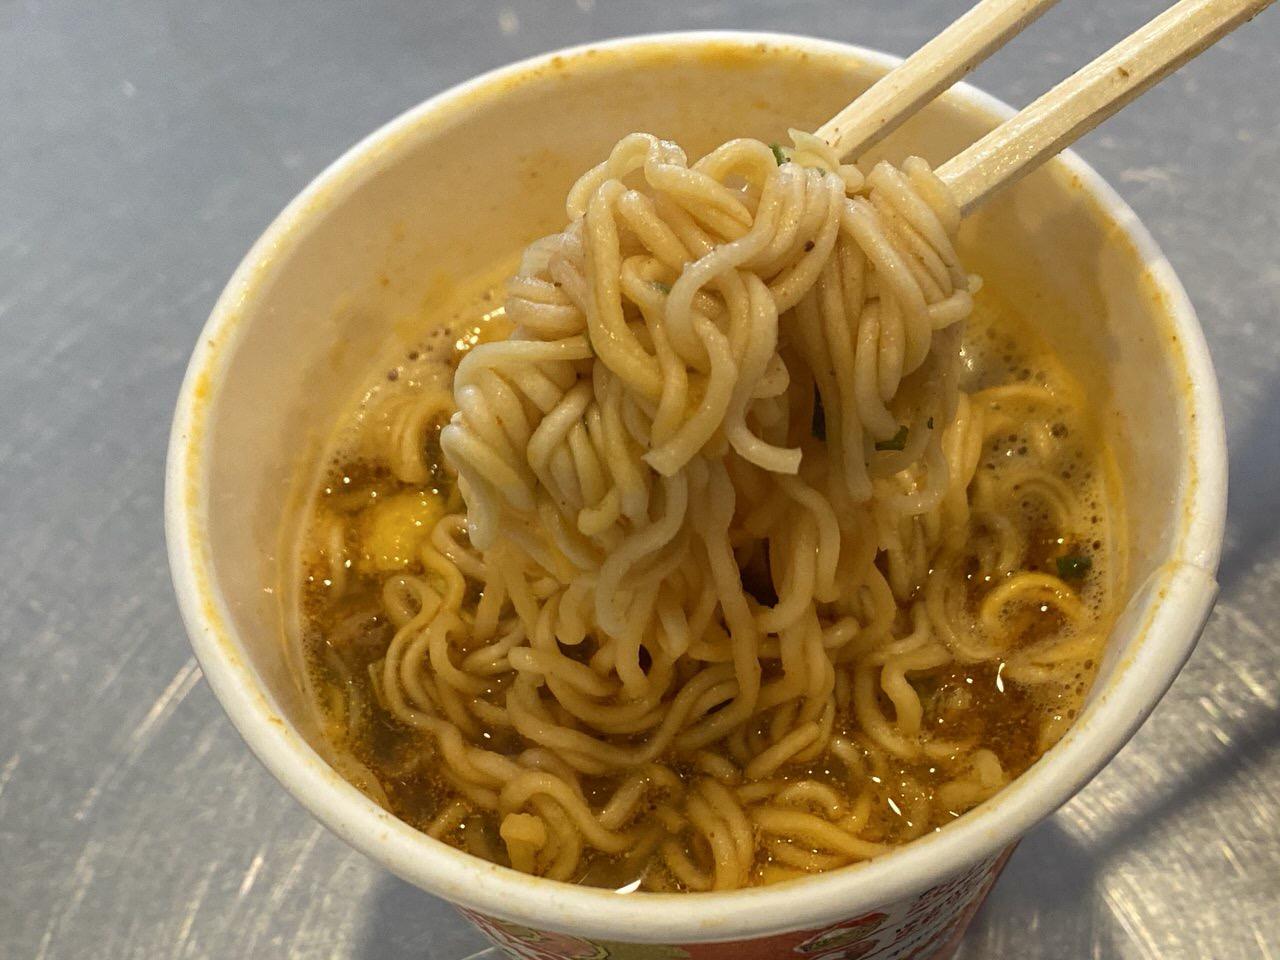 タイ日清「カップヌードル トムヤムクン味」7